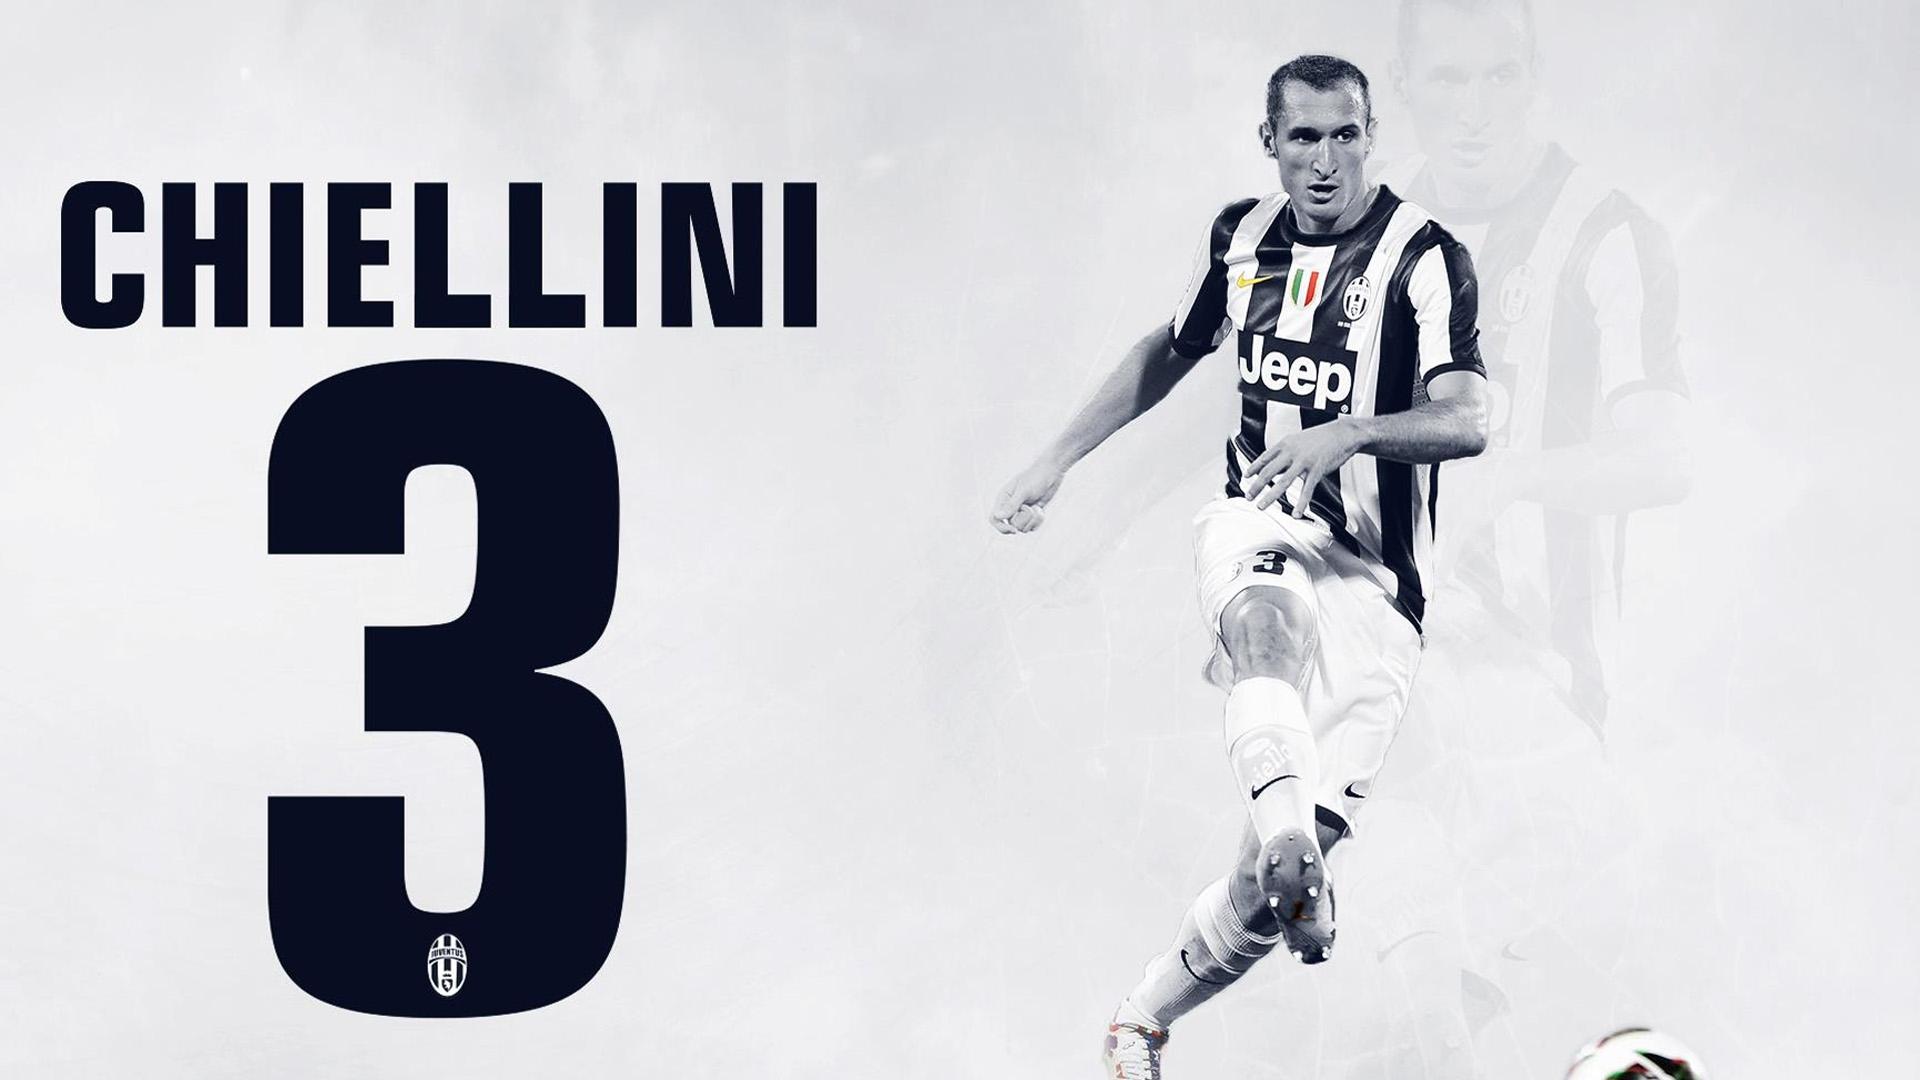 Giorgio chiellini 2018 2019 wallpaper